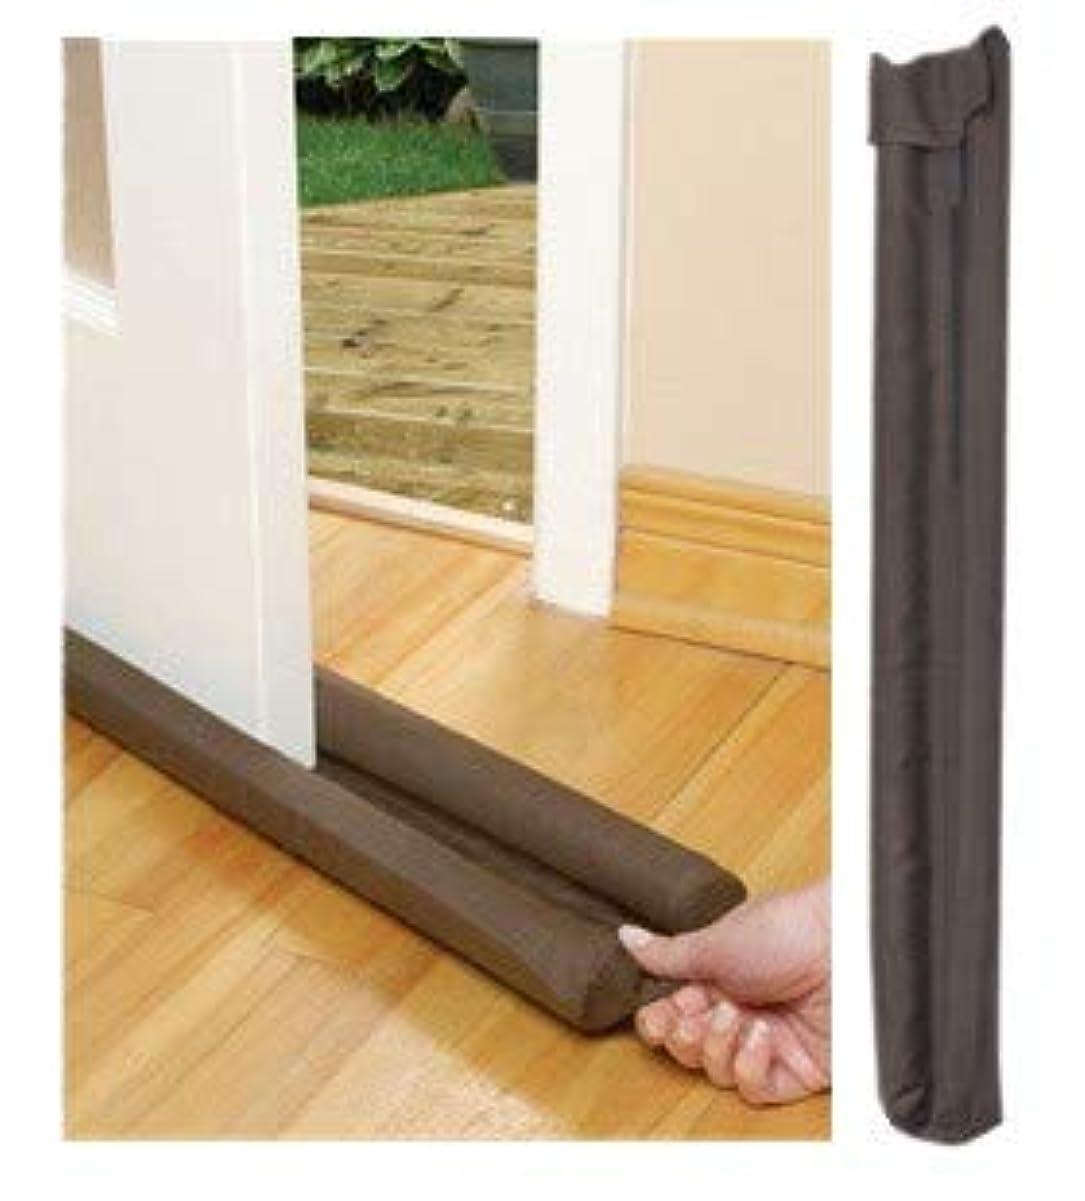 適性迅速怒りPIKANCHI ドア用 下部テープ 隙間テープ 隙間風防止 気密 騒音防止 防虫 防塵 防音 貼り付け不要 取り付け簡単 カット可能